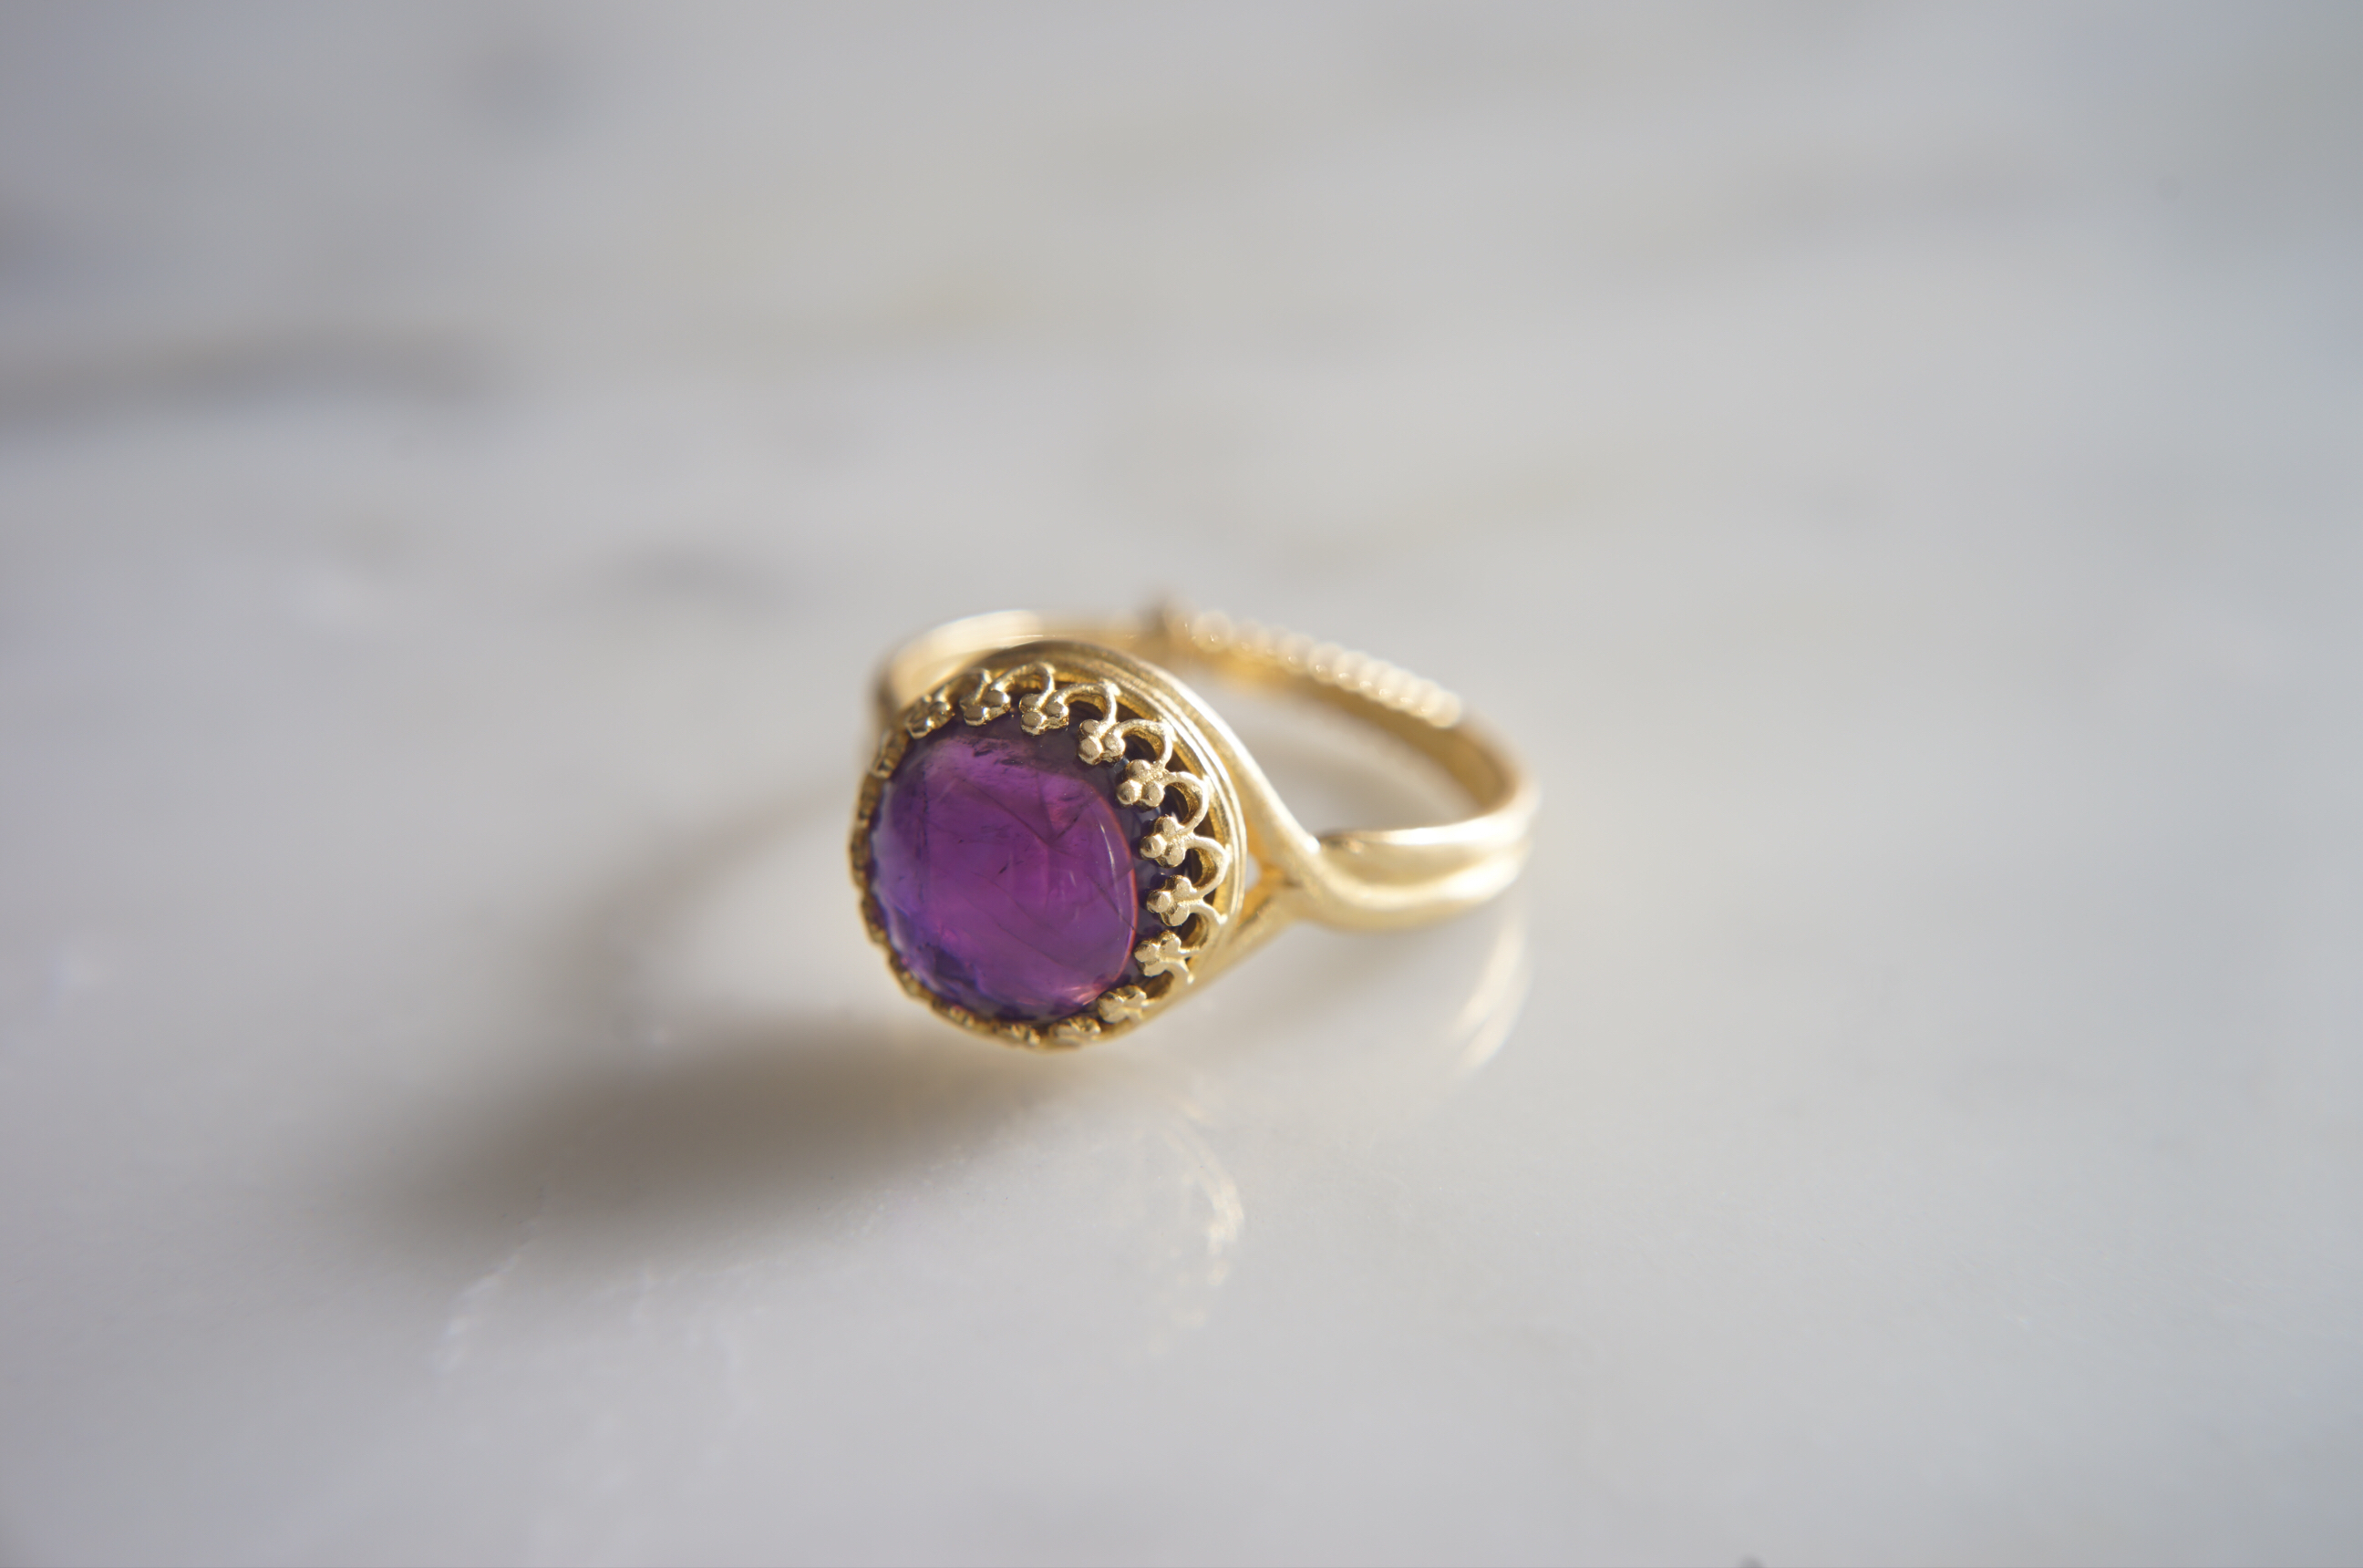 真鍮(ブラス)製 アメジスト指輪